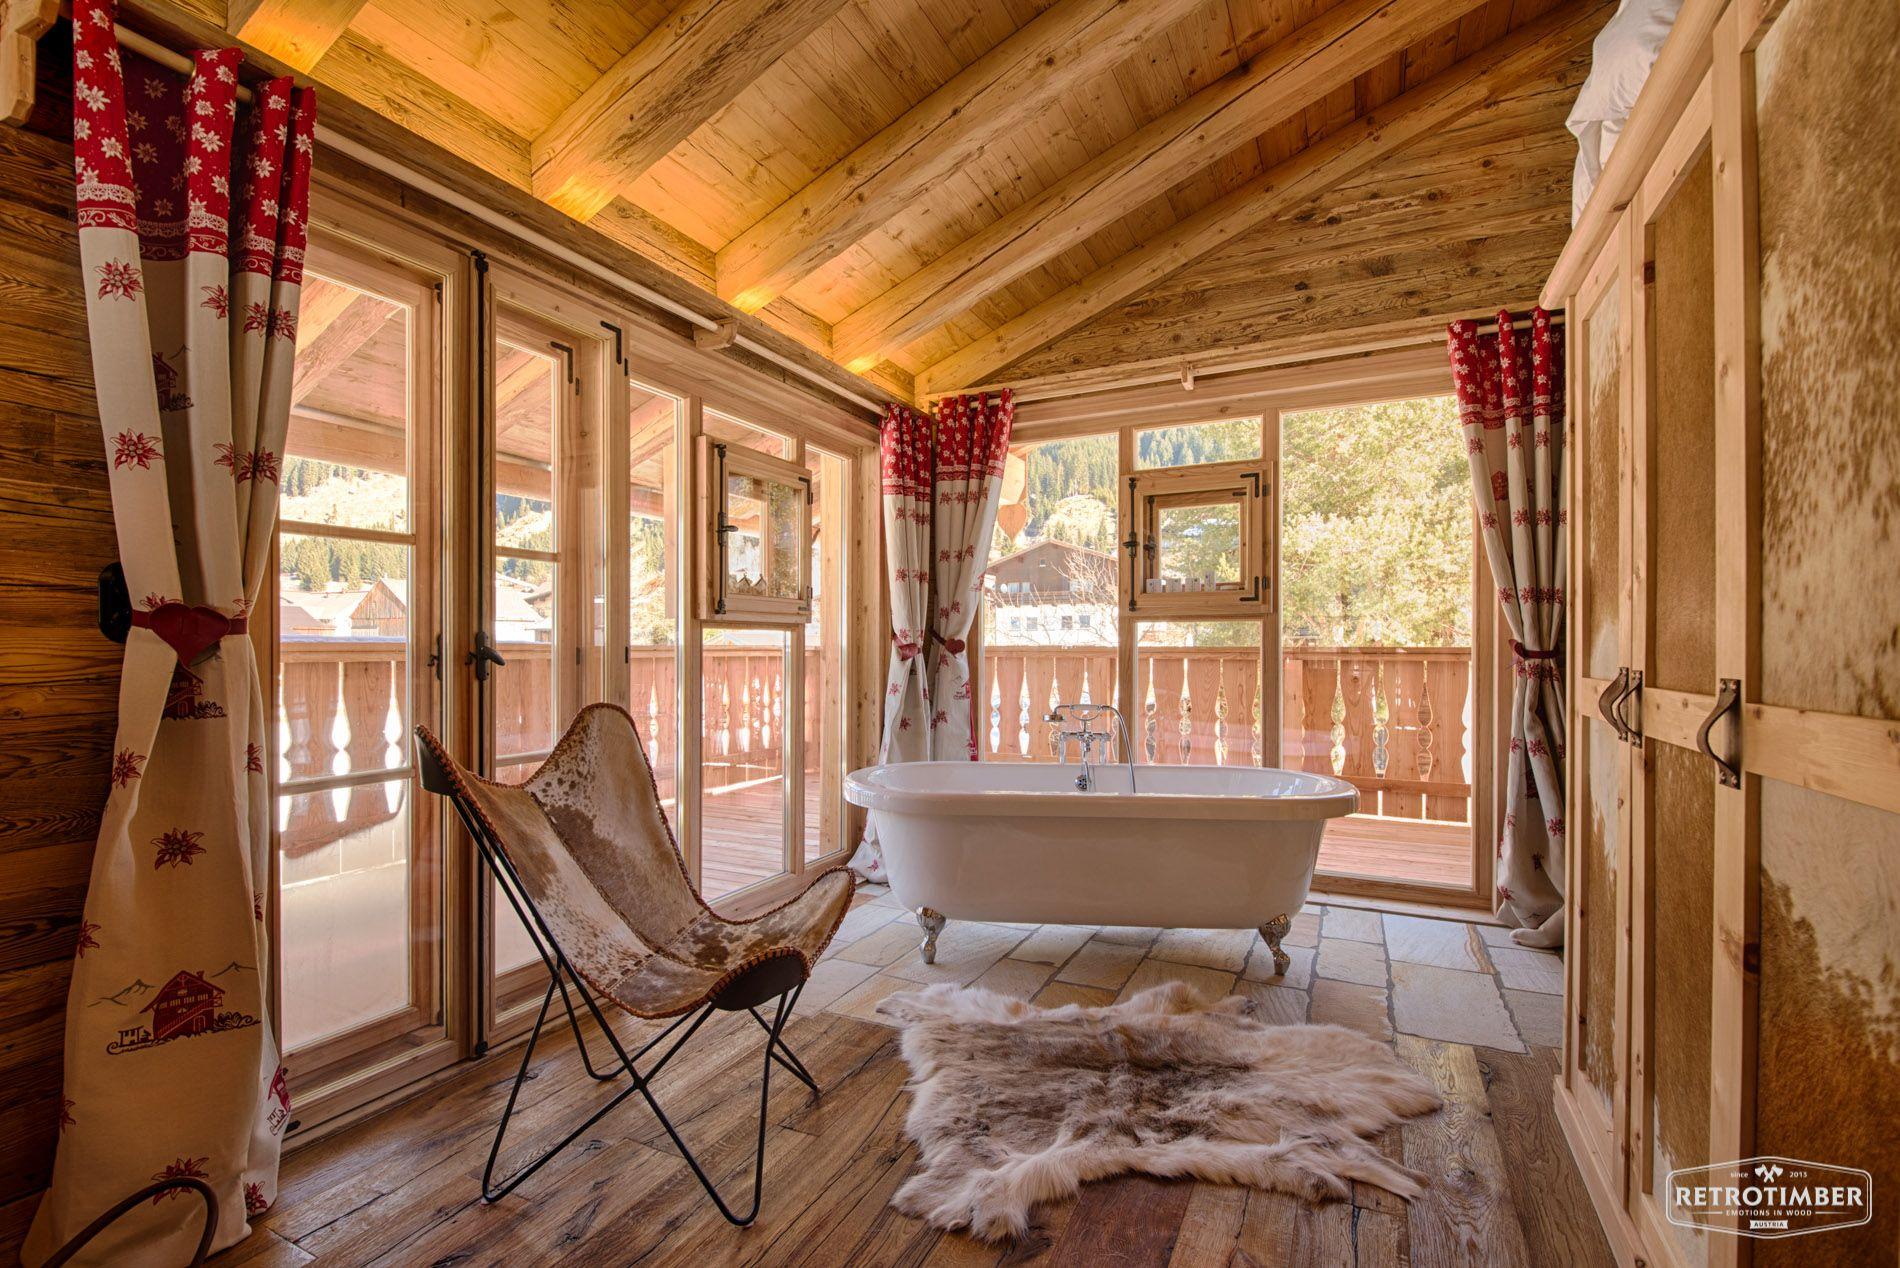 Badezimmer Landhausstil Ideen retrotimber altholz balken hausbau bau fichte lärche